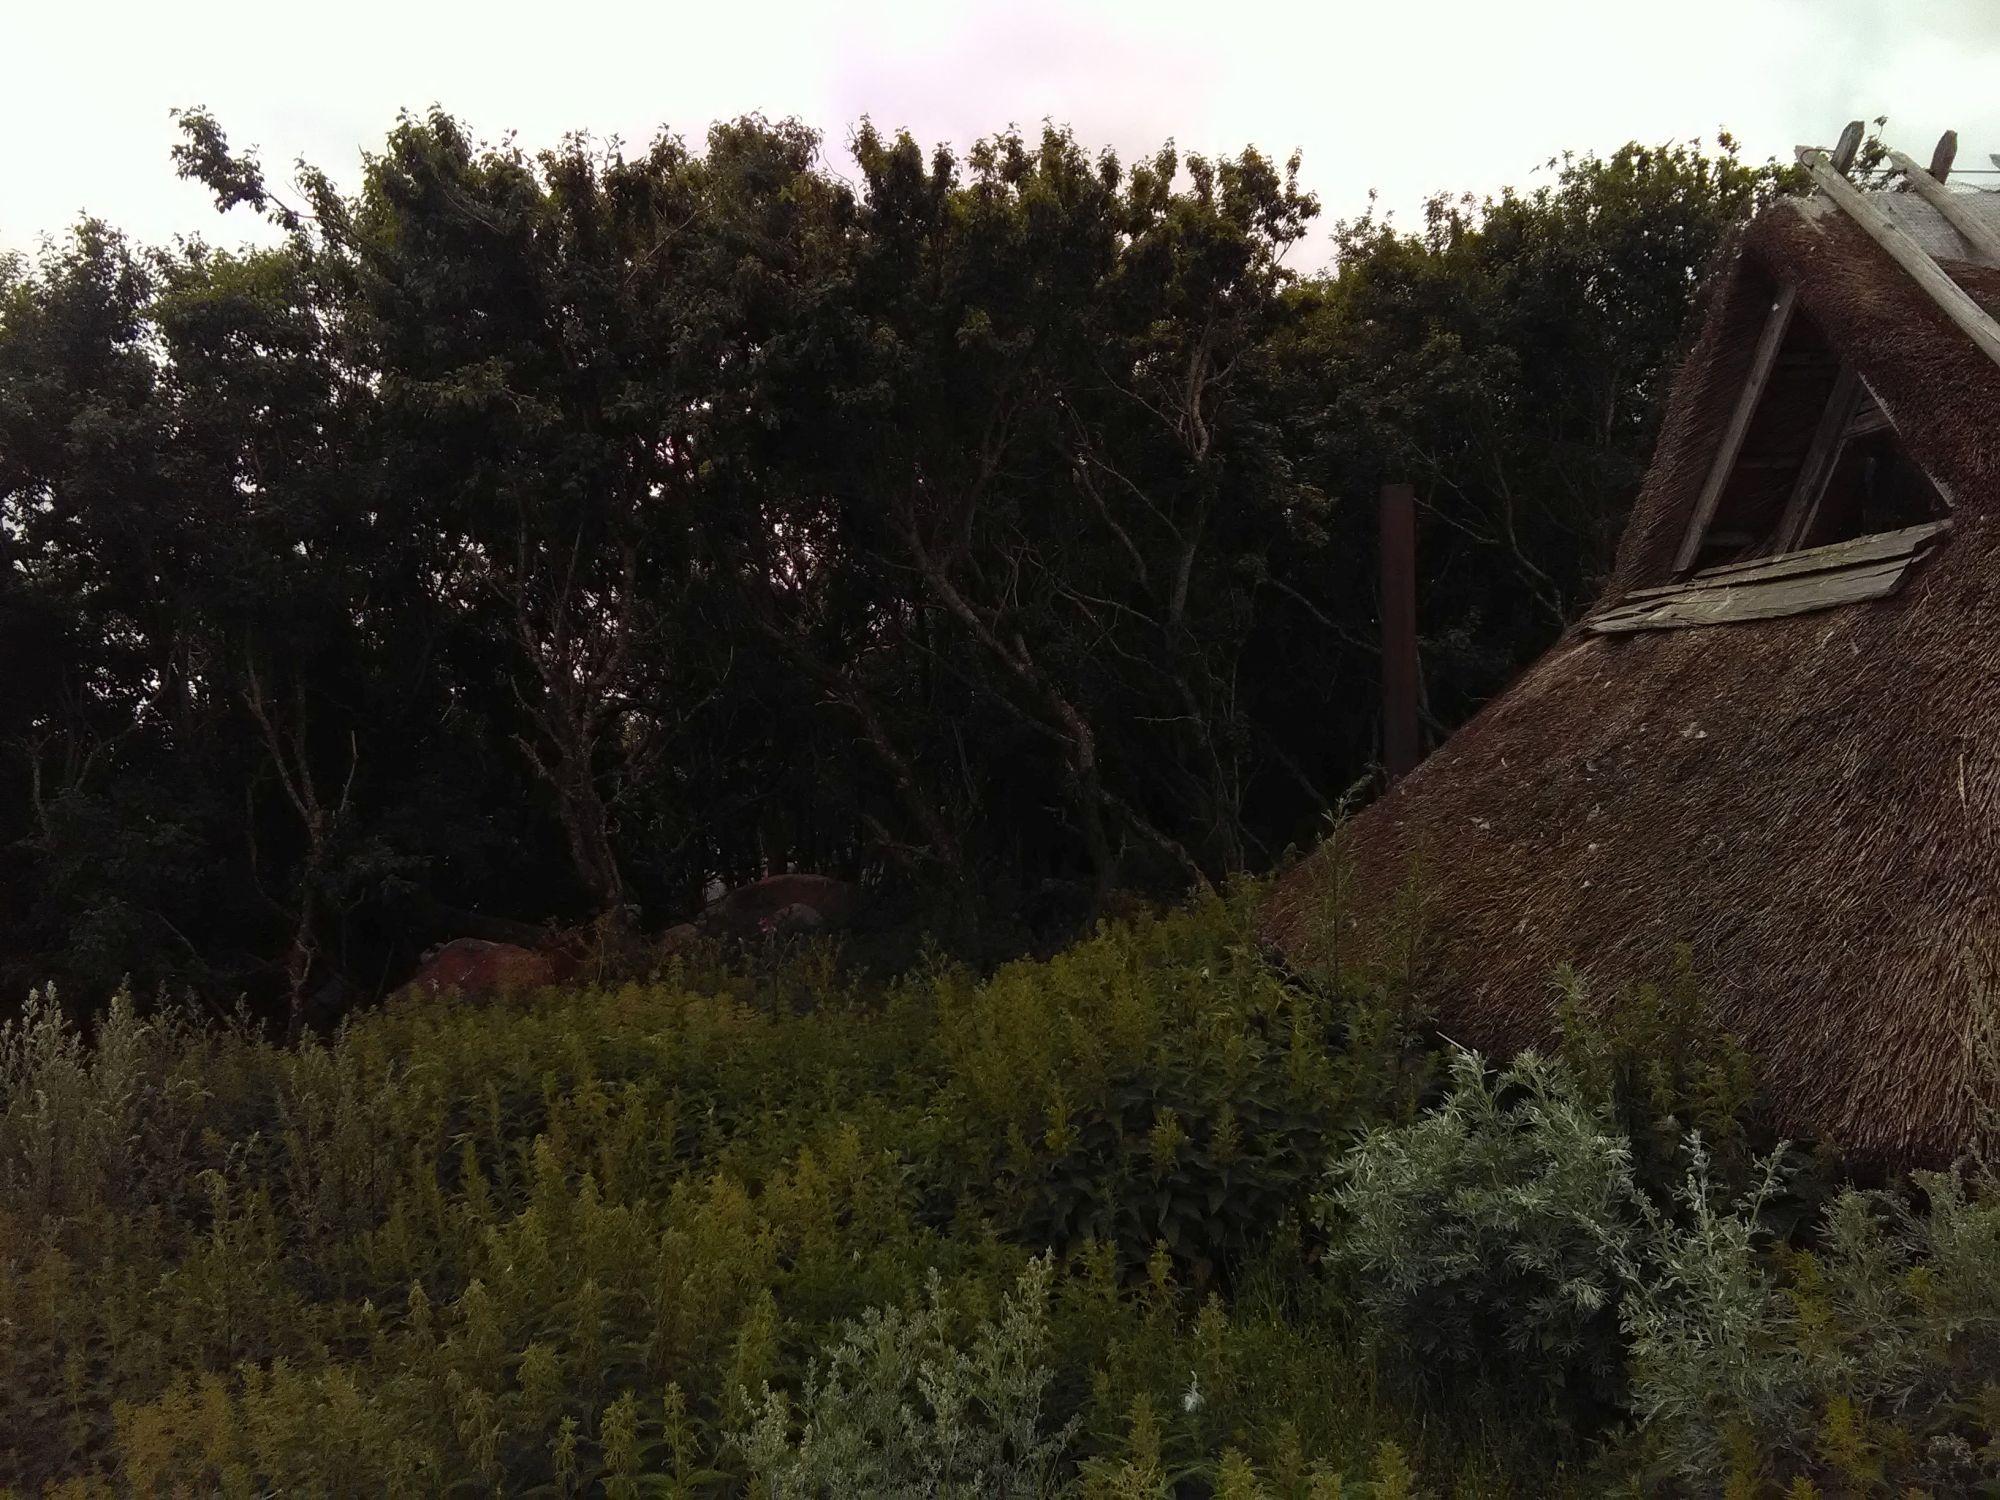 Taastatud kalurionn Suur-Pihlakarel, mille rookatust on puude vahelt näha ka merelt. Foto: Perekond Libe.